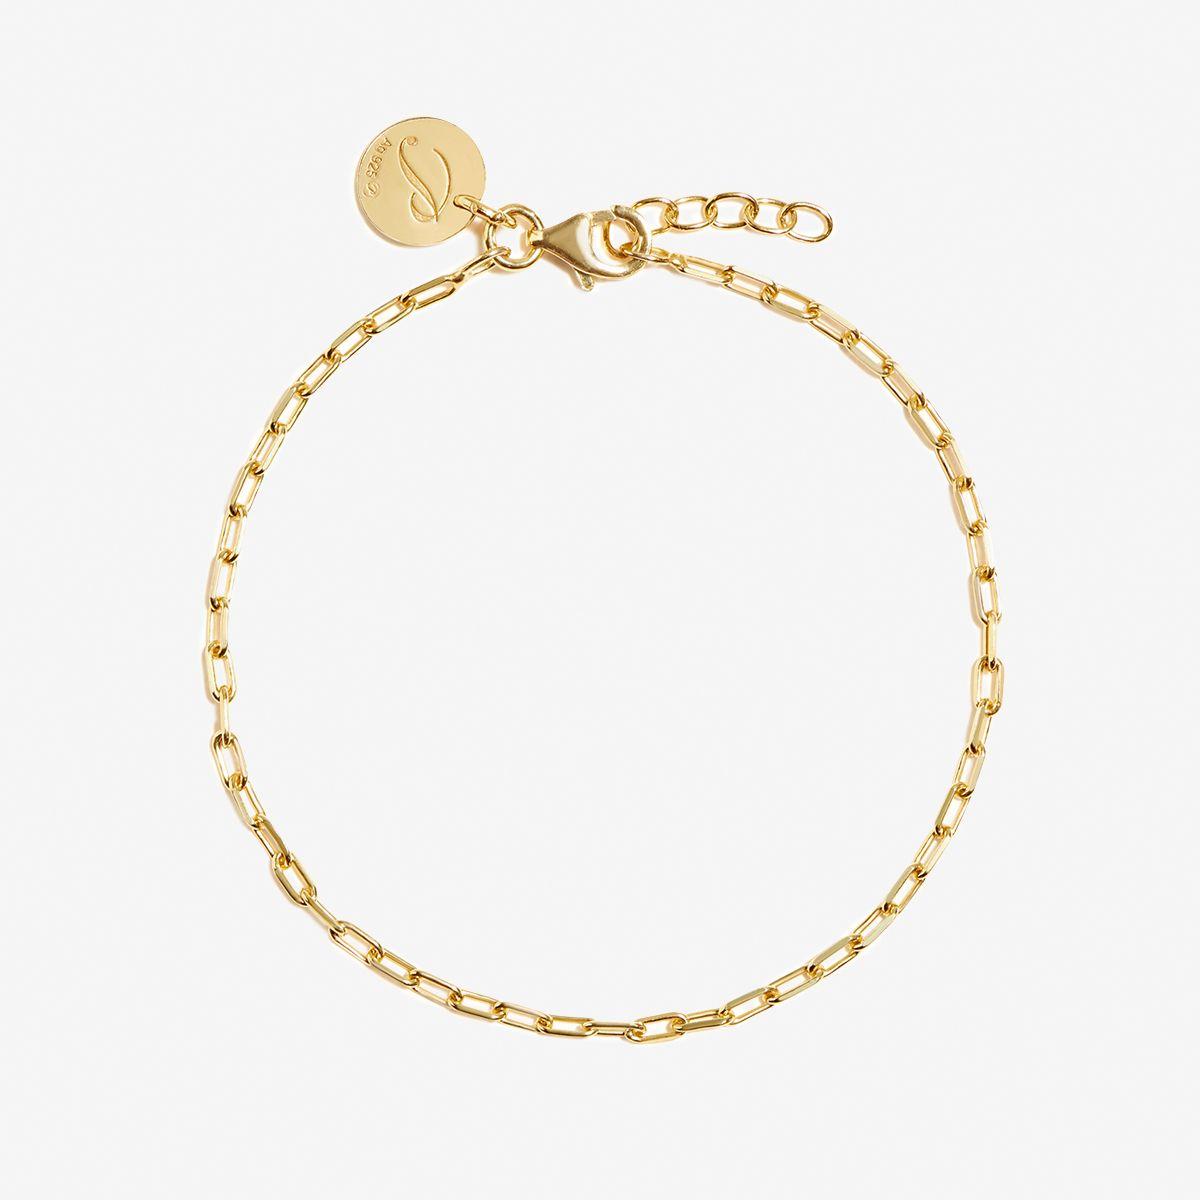 Diane - Armband - 18k vergoldet